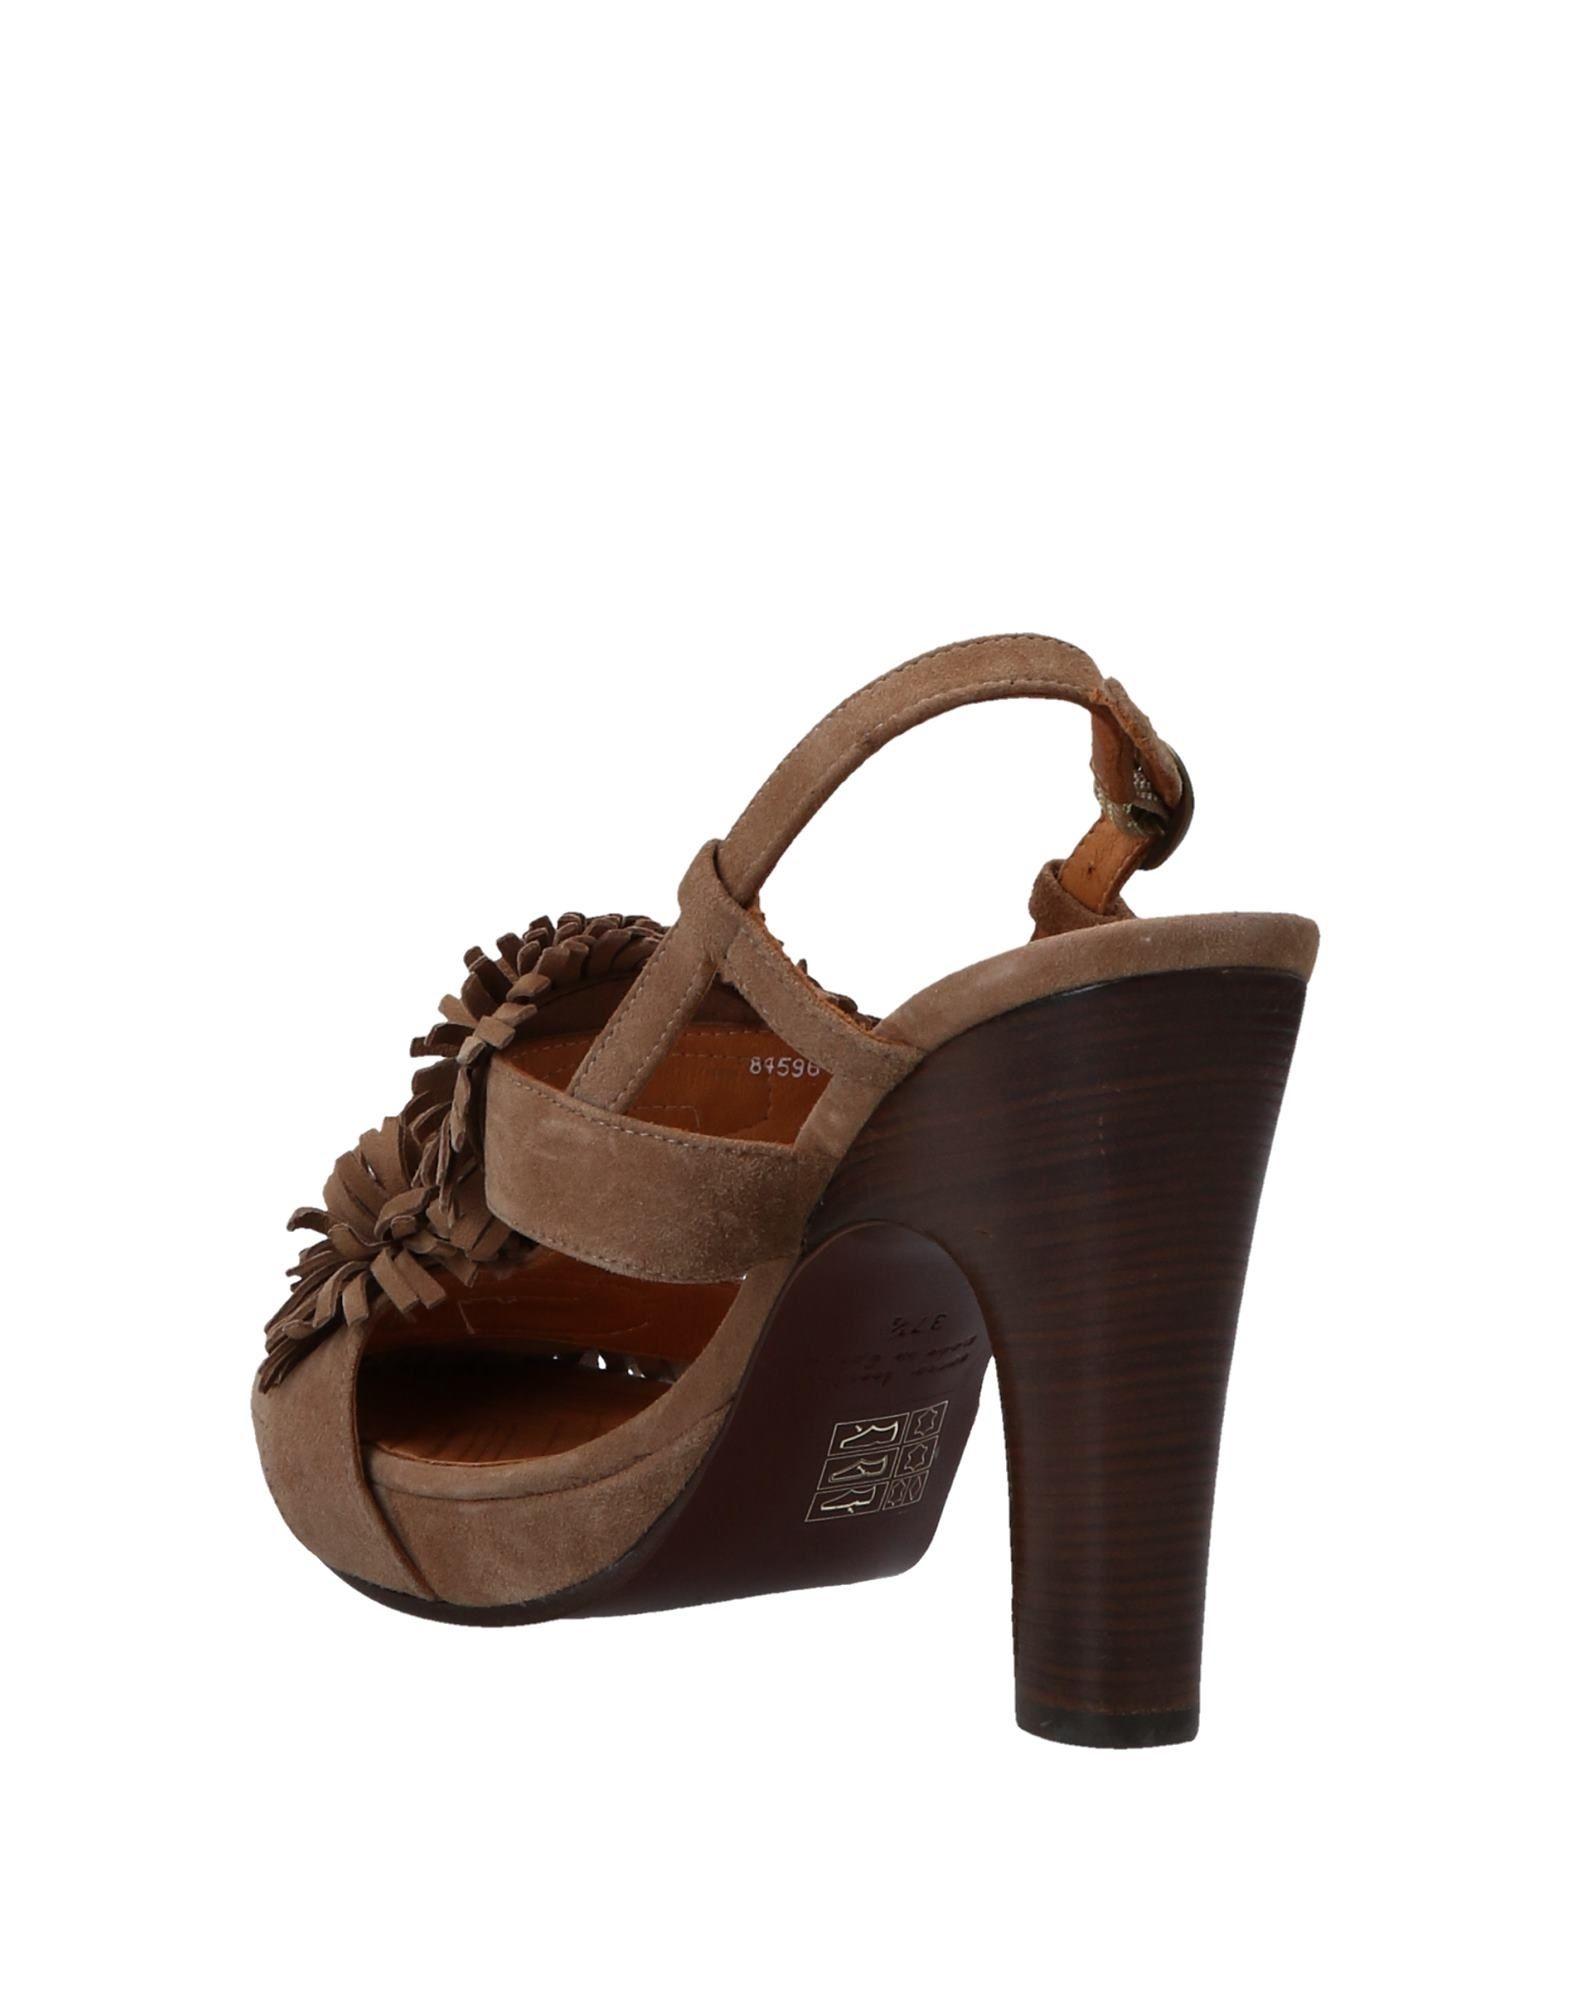 Chie Mihara Schuhe Sandalen Damen  11549122SDGut aussehende strapazierfähige Schuhe Mihara 5dab19